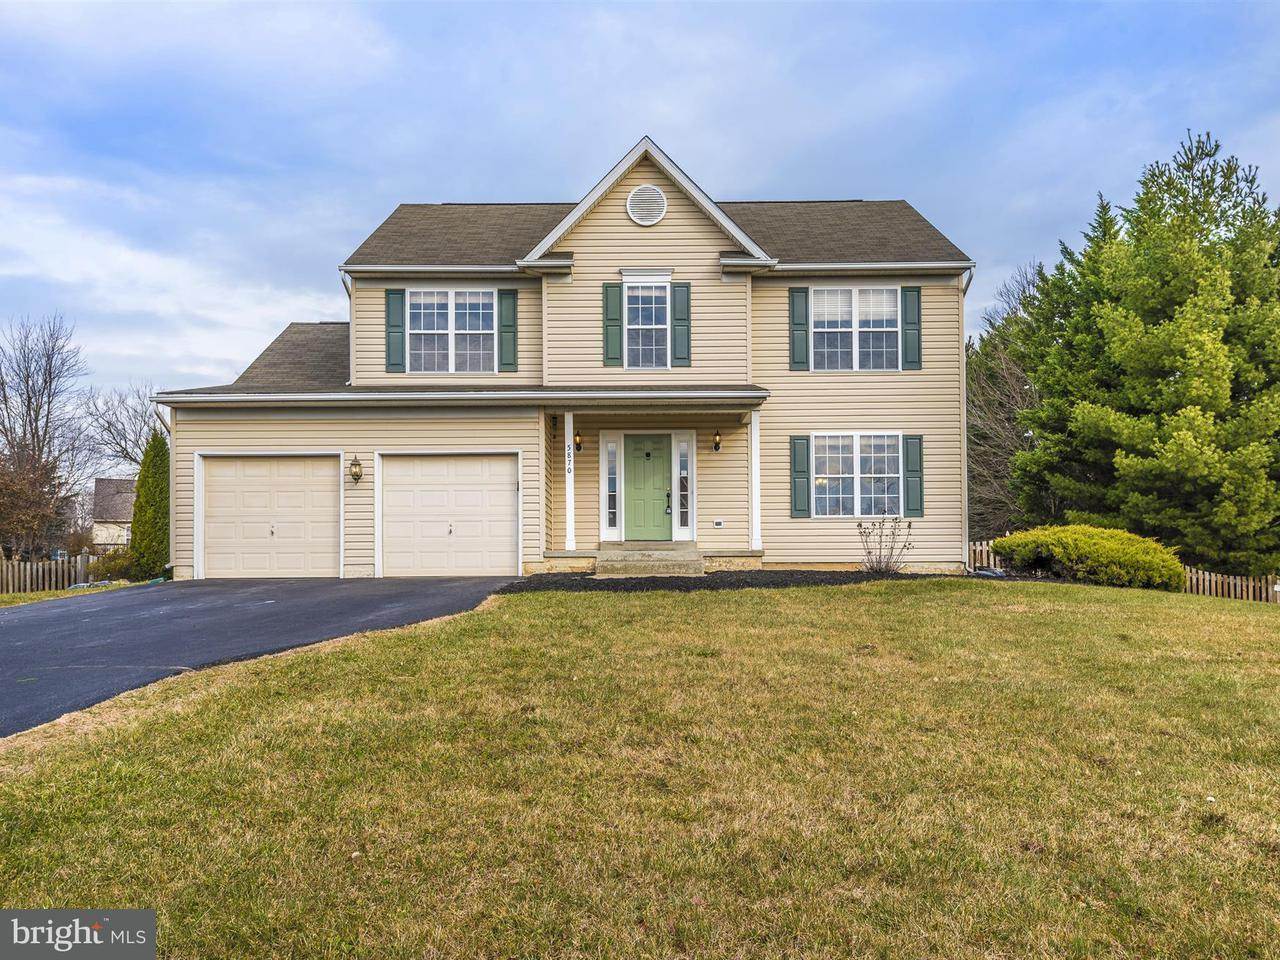 단독 가정 주택 용 매매 에 5870 UNION RIDGE Drive 5870 UNION RIDGE Drive Adamstown, 메릴랜드 21710 미국